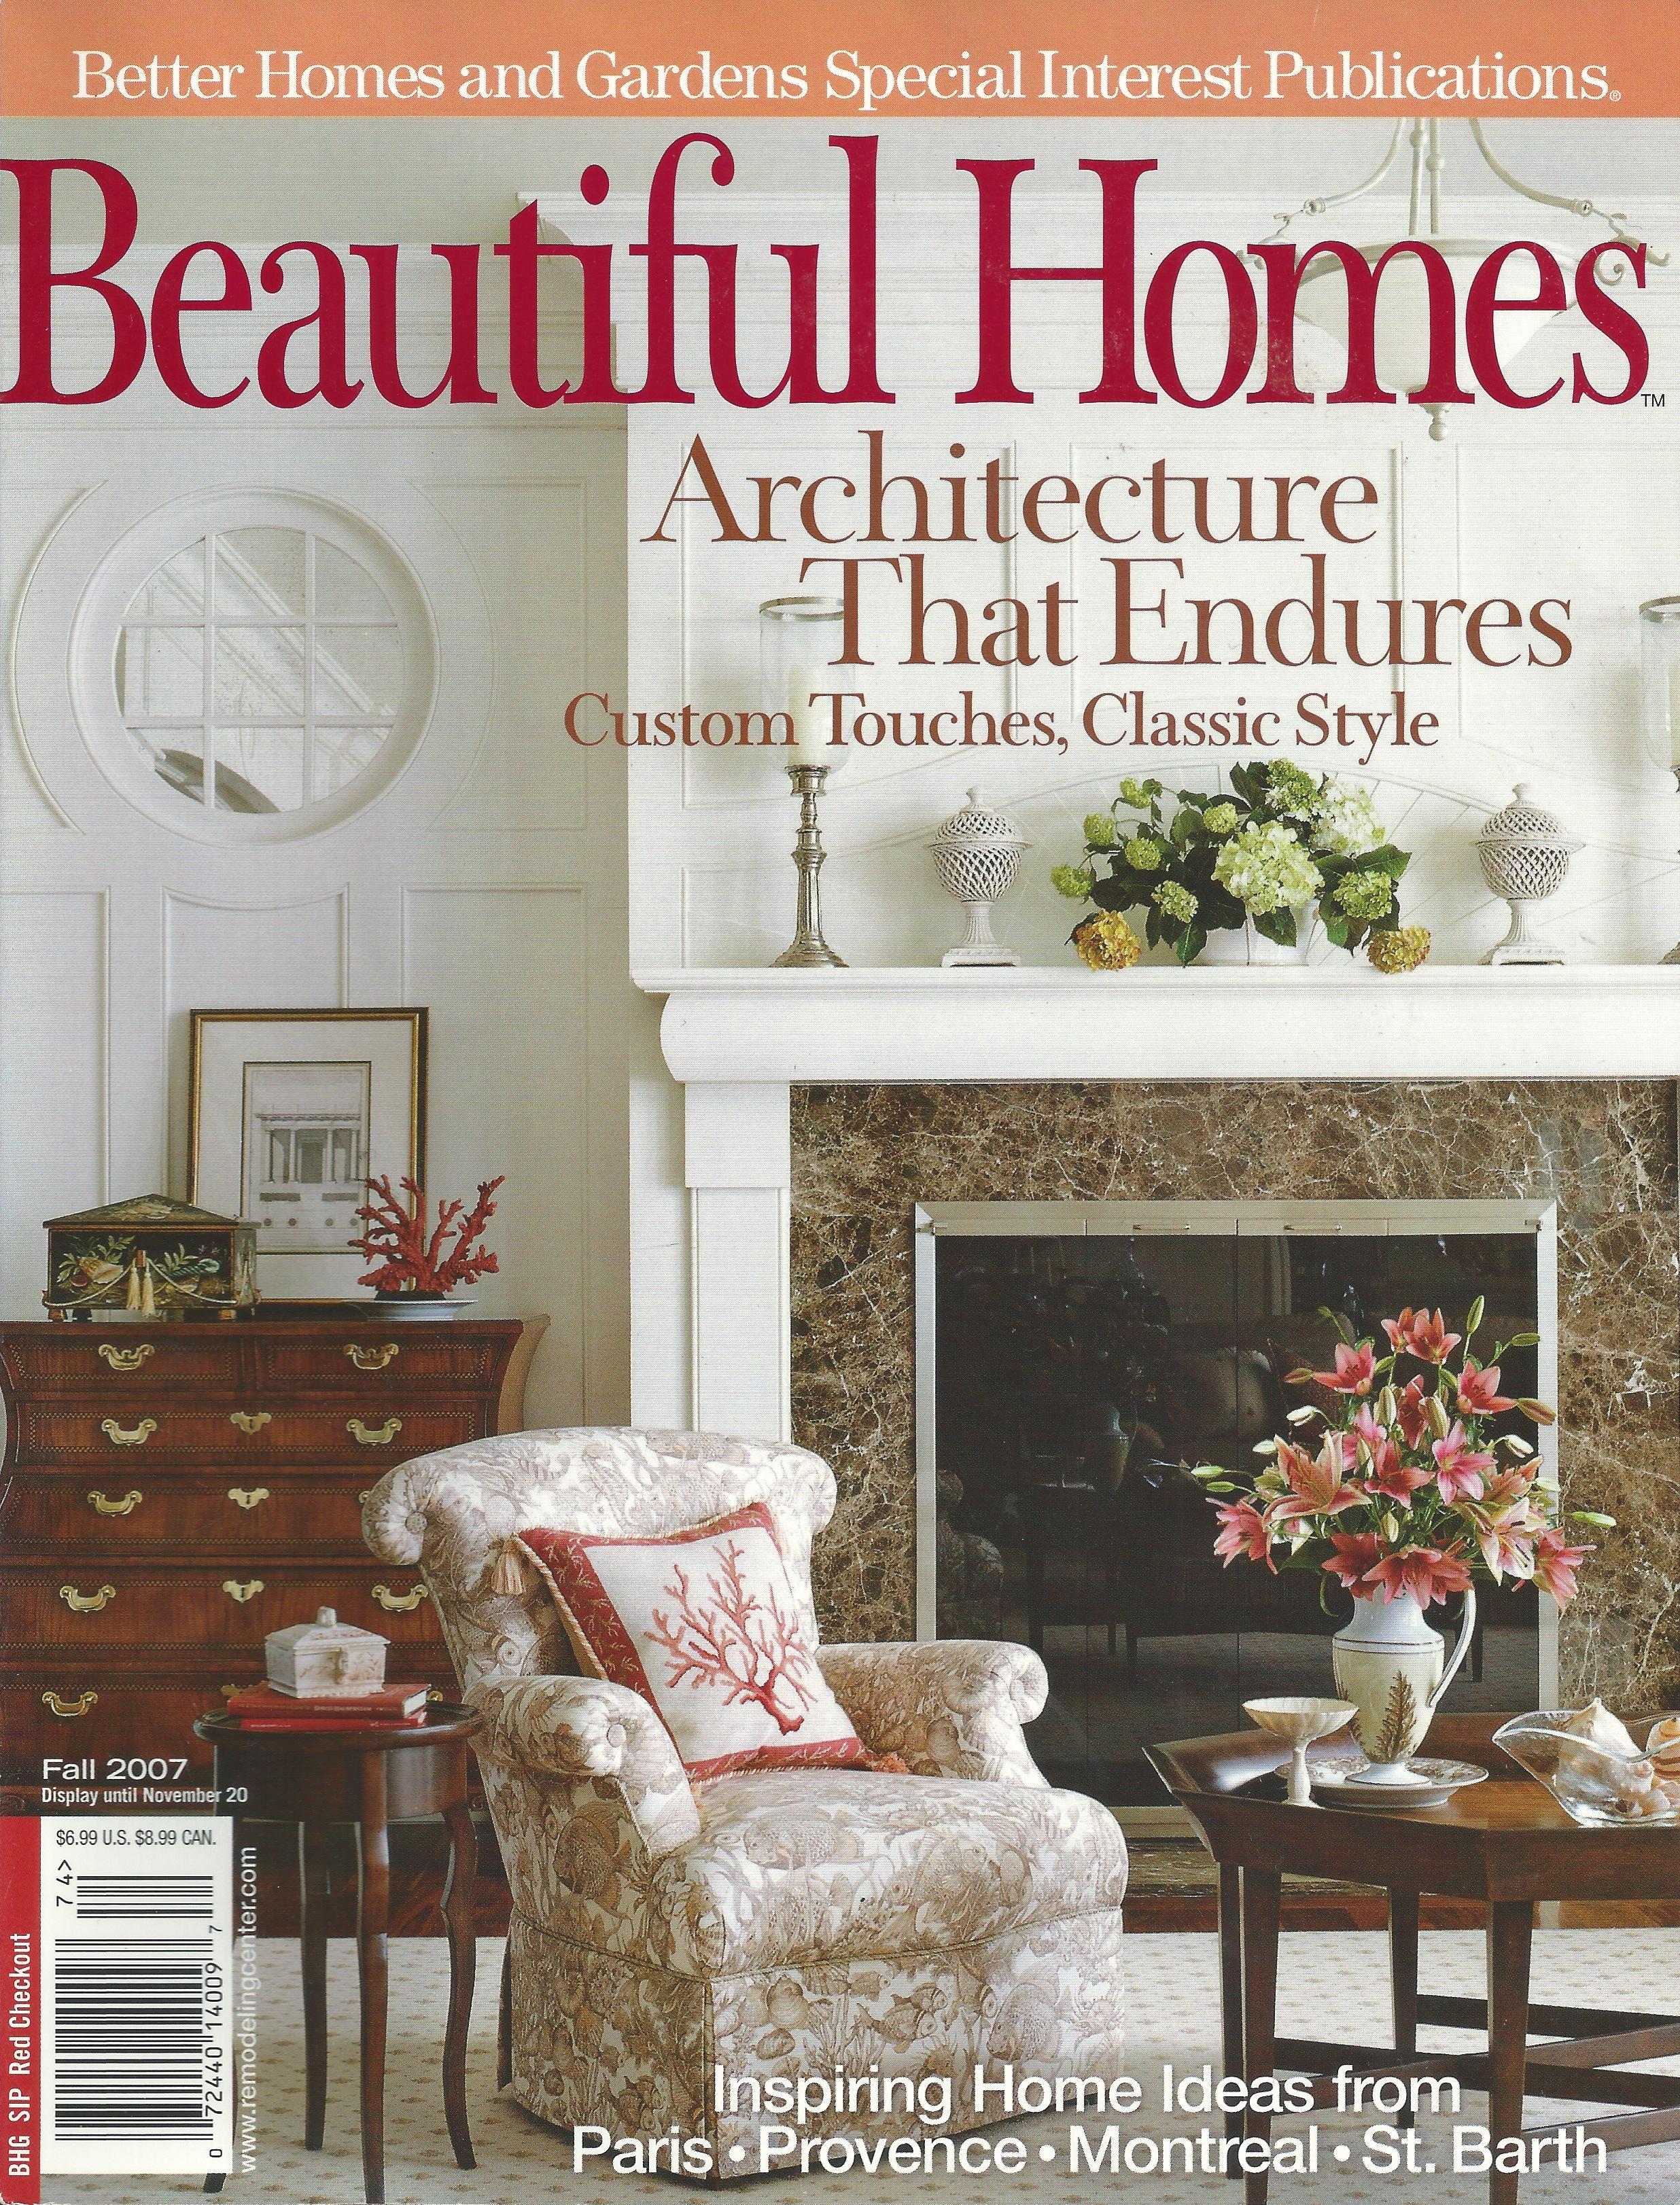 Beautiful Homes Fall 2007.jpg